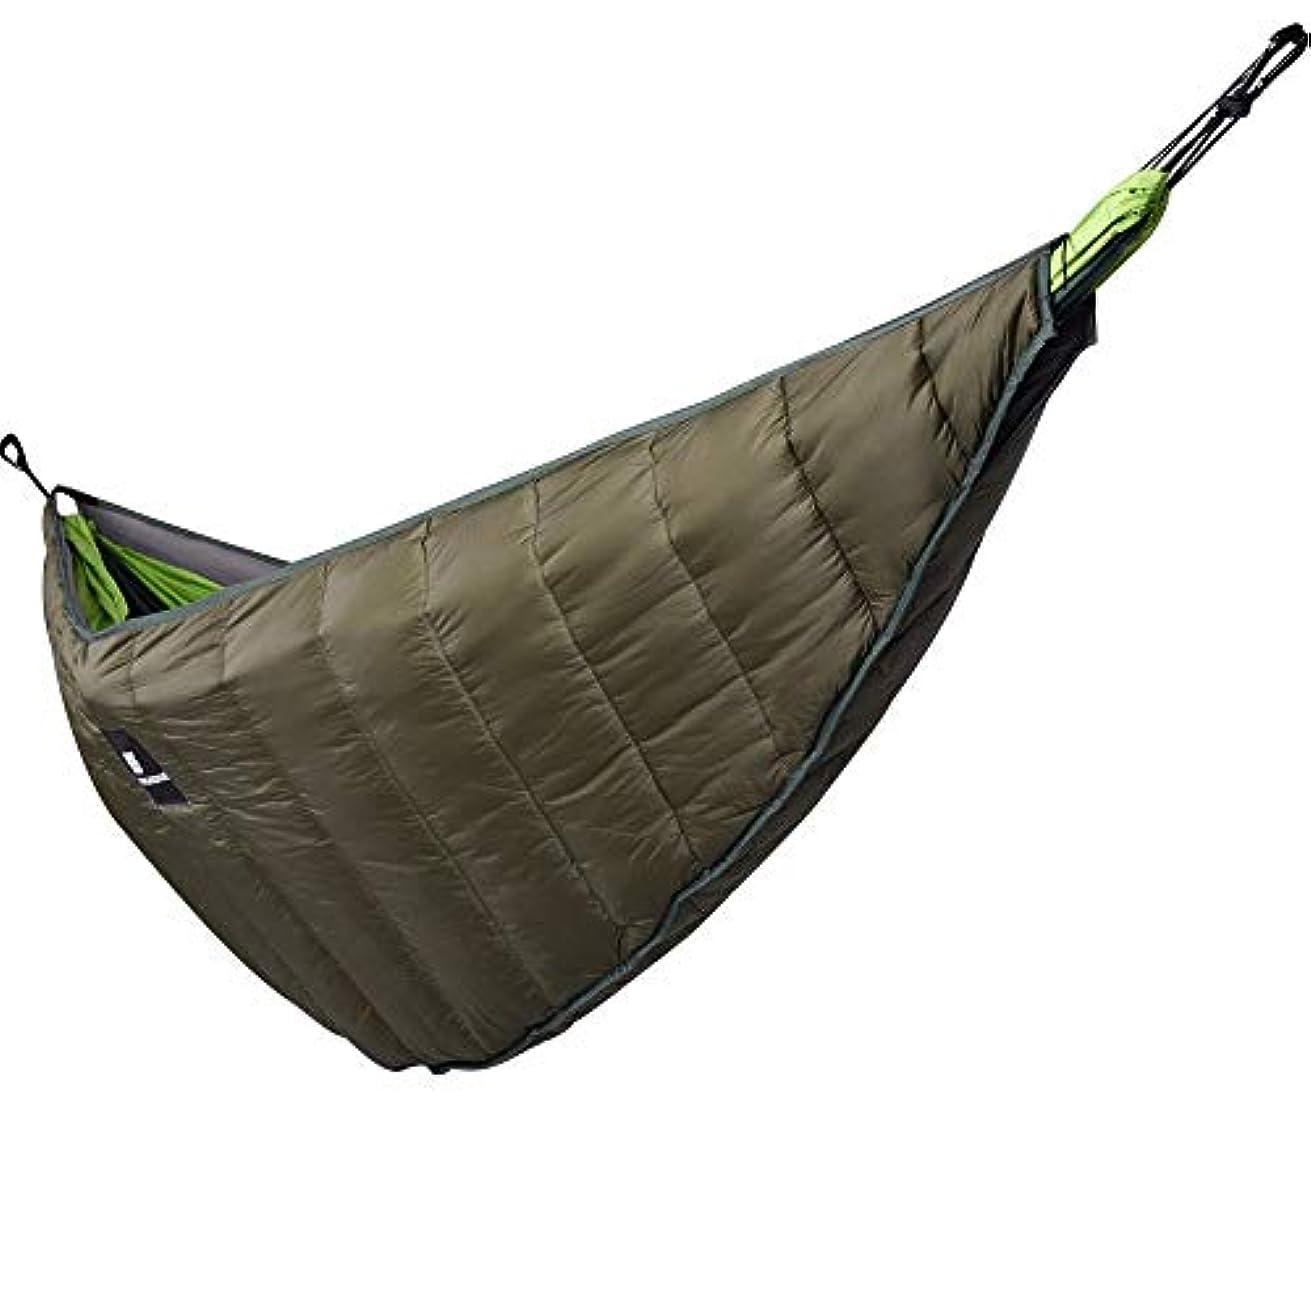 追放するクライマックス腰YLIAN 寝袋 陸上キャンプまたはバックパッキング用バッグUnderquilt超軽量多機能アウトドアハンモックキャンプポータブル冬暖かいキルトブランケットスリーピングハンモック